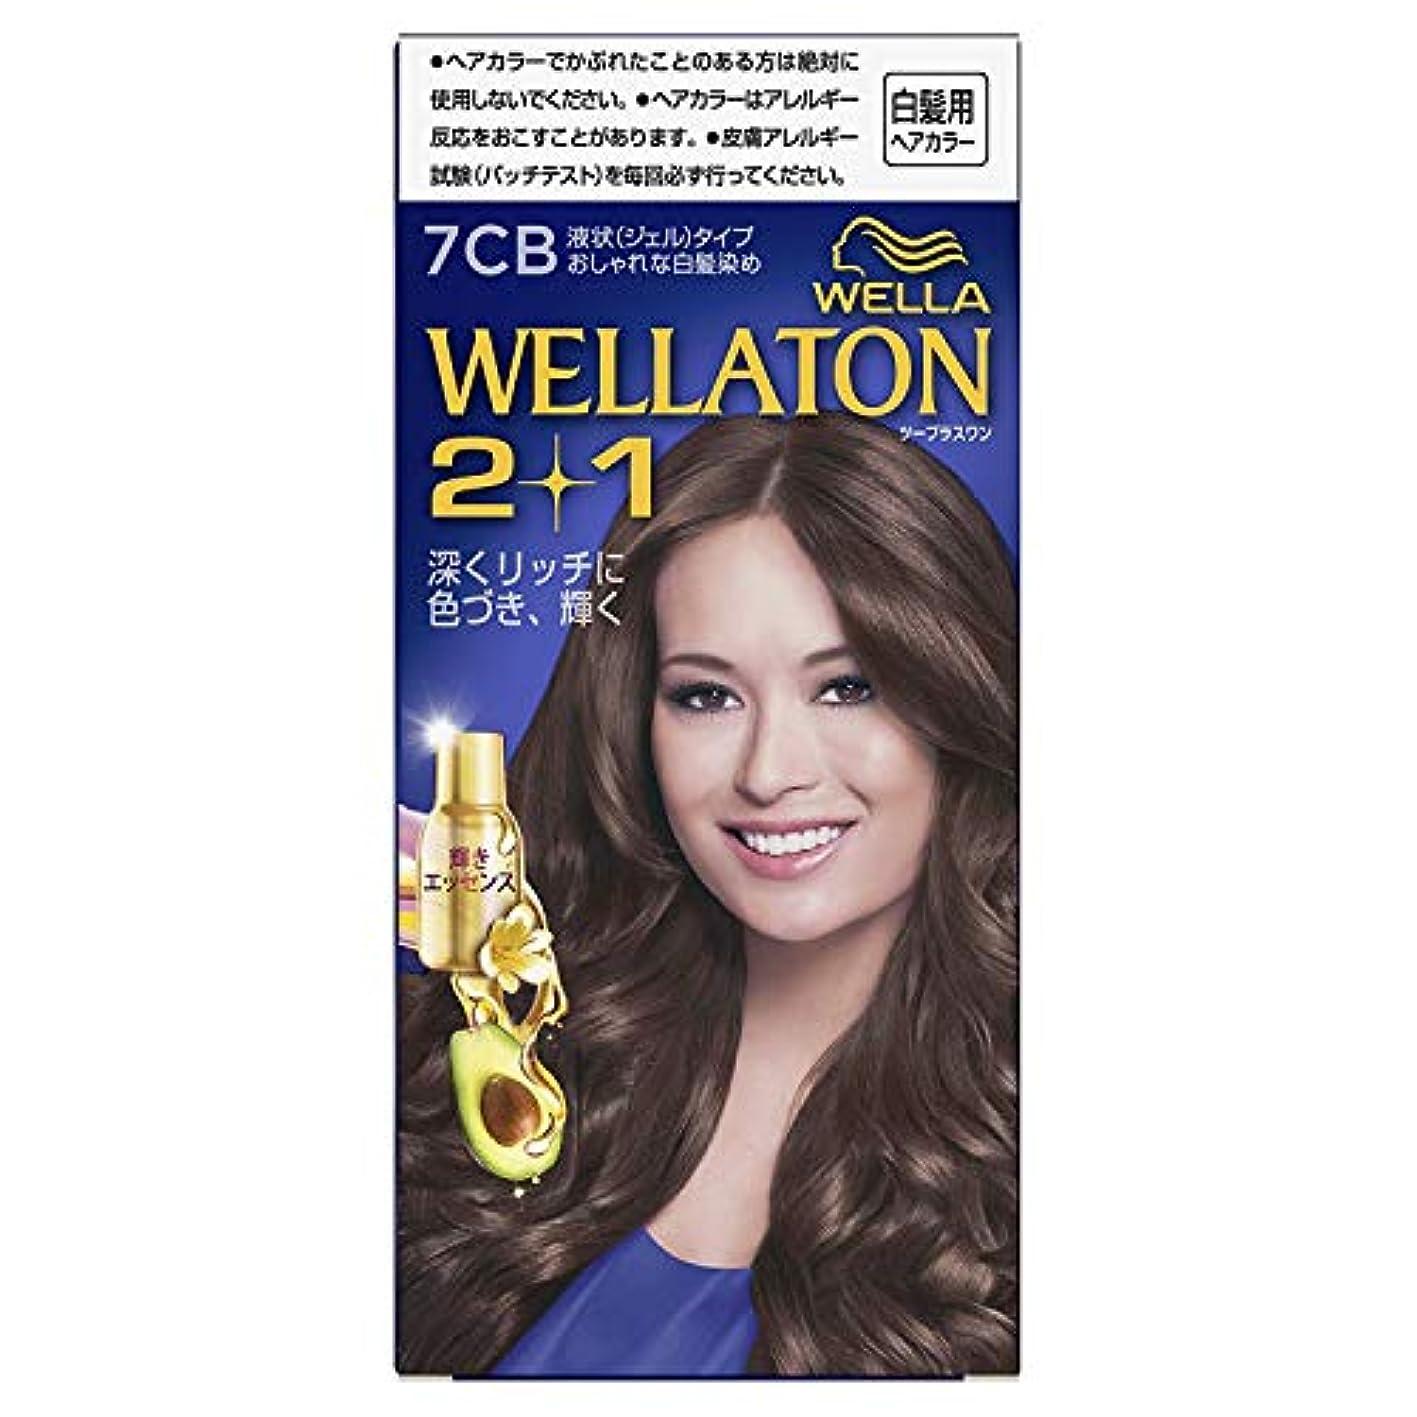 柔らかい足天皇保証ウエラトーン2+1 液状タイプ 7CB [医薬部外品] ×6個